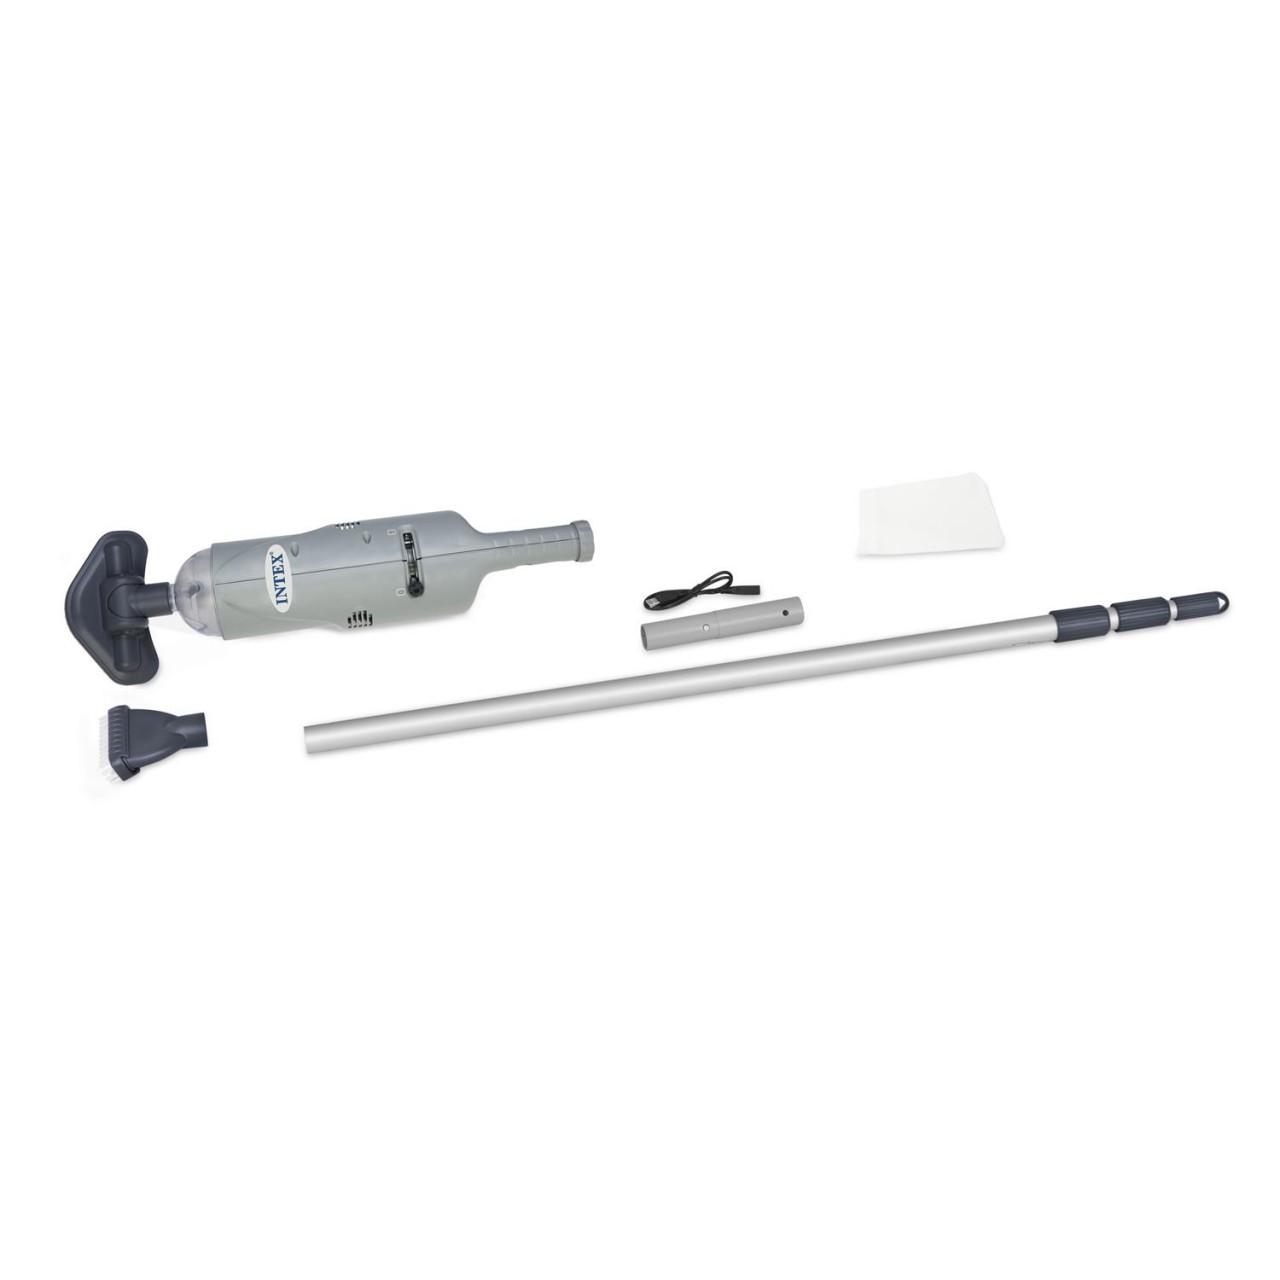 Intex 28620 Bodensauger Poolreiniger Handakkusauger wiederaufladbar 239cm Stange